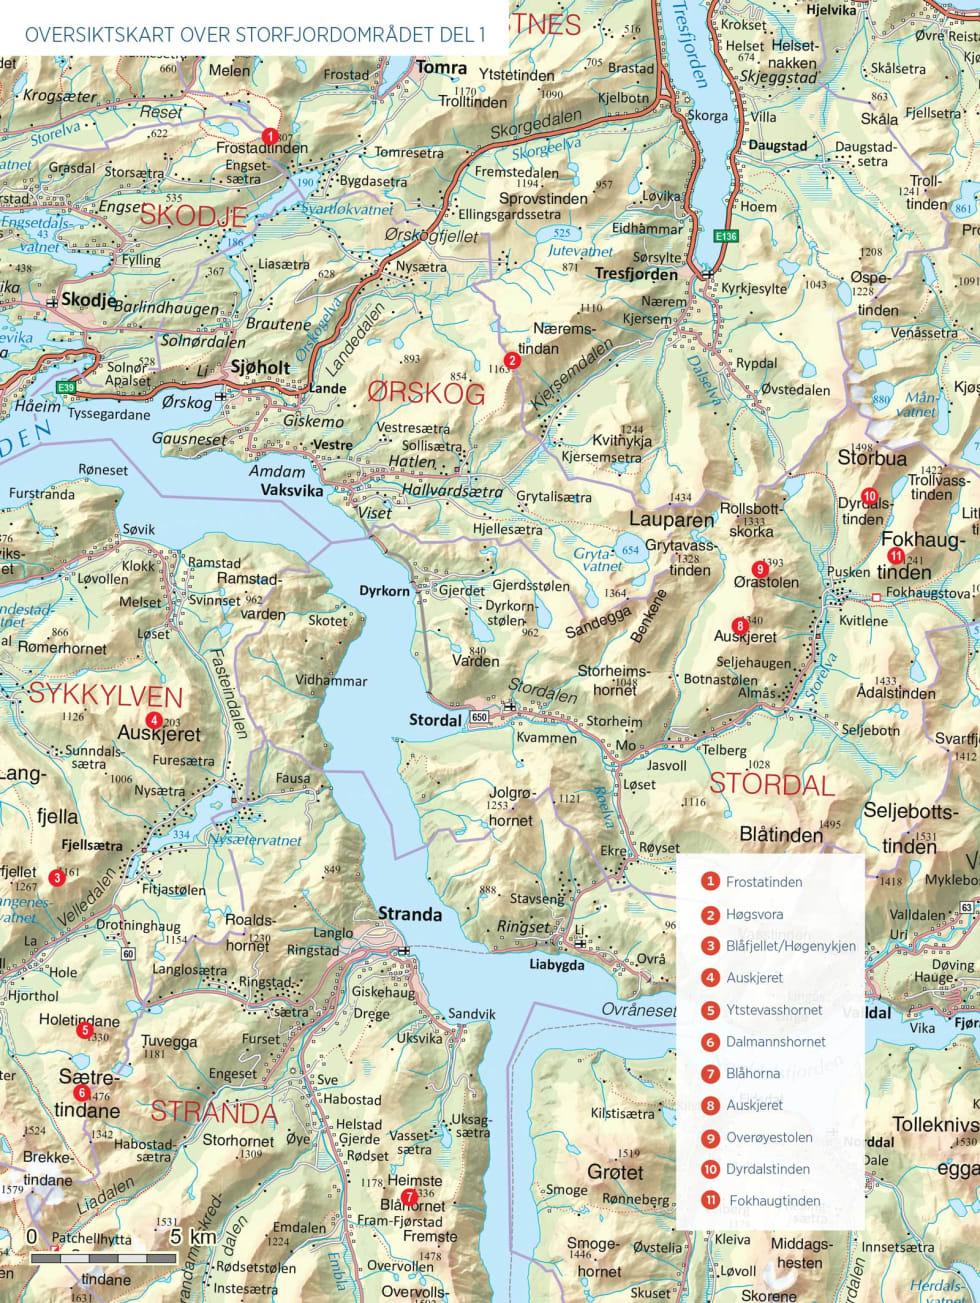 Oversiktskart over Storfjordområdet del 1.